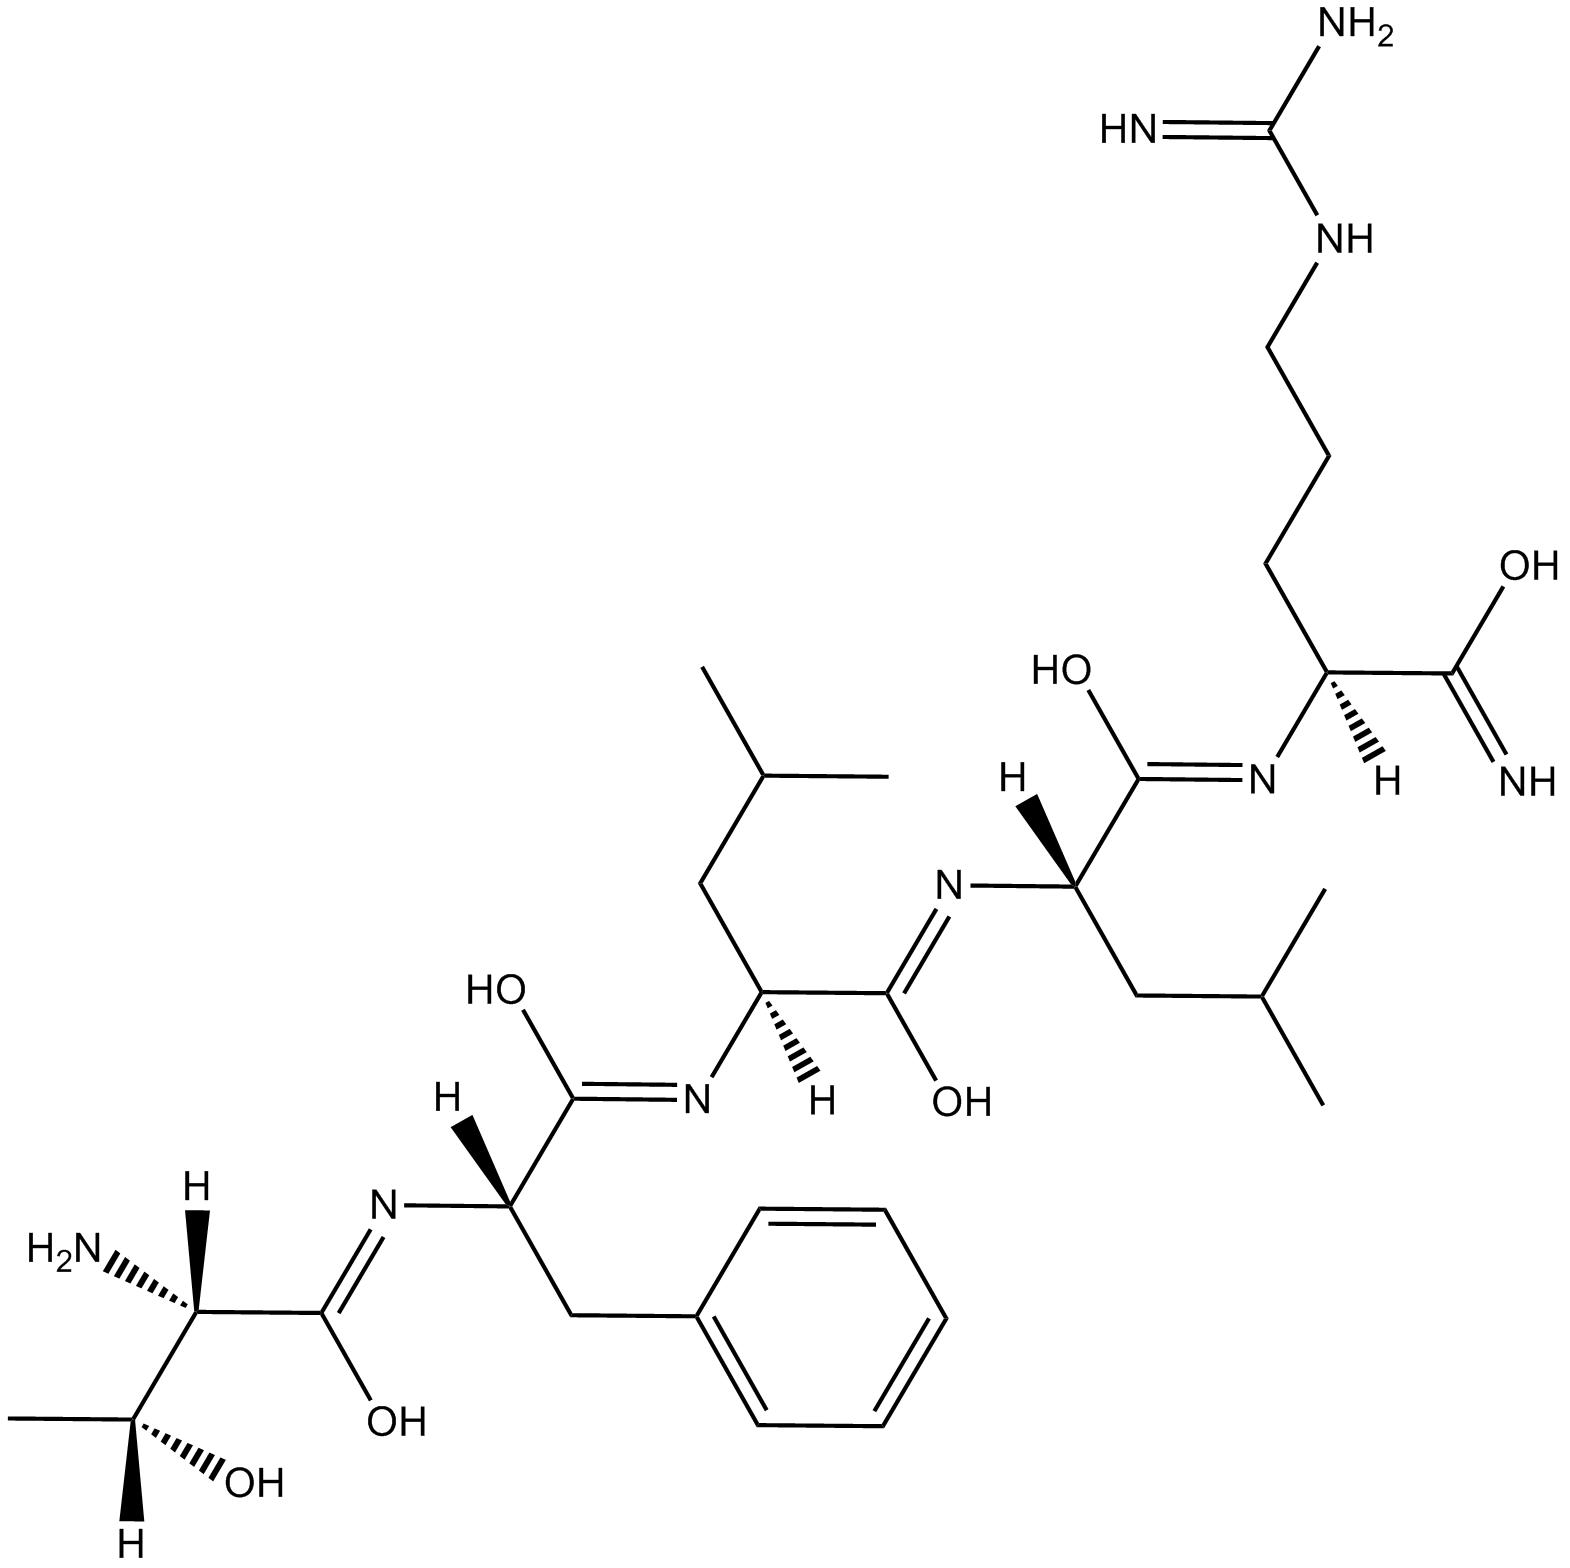 TFLLR-NH2